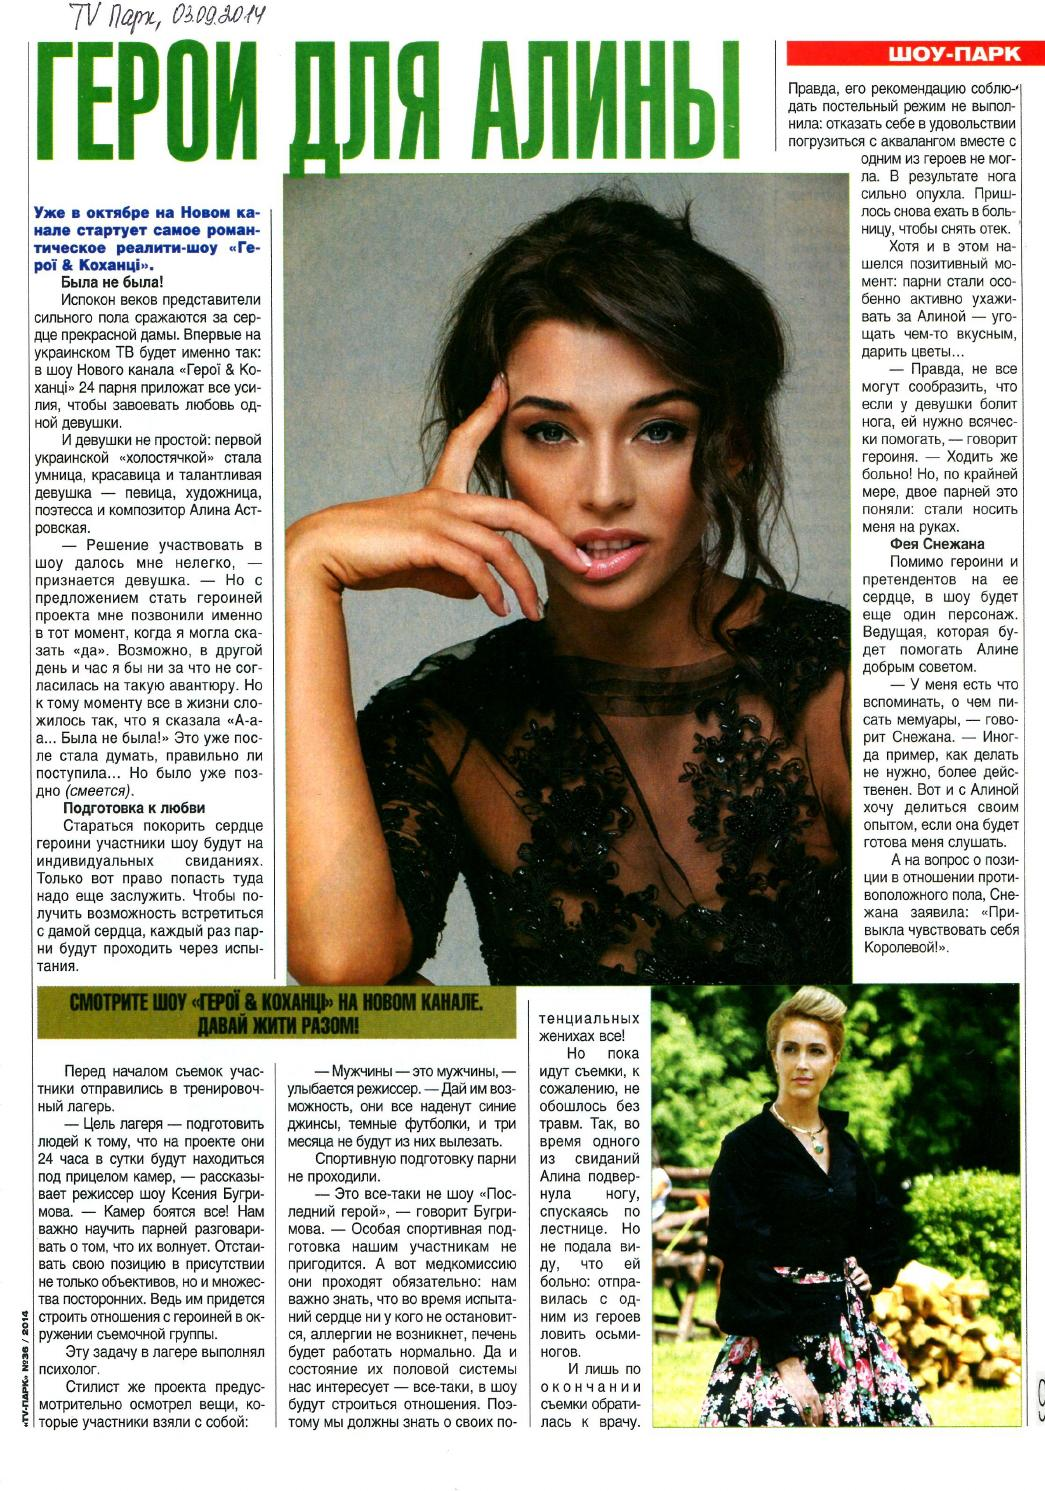 Герої & Коханці (Герои & любовники) Page_1